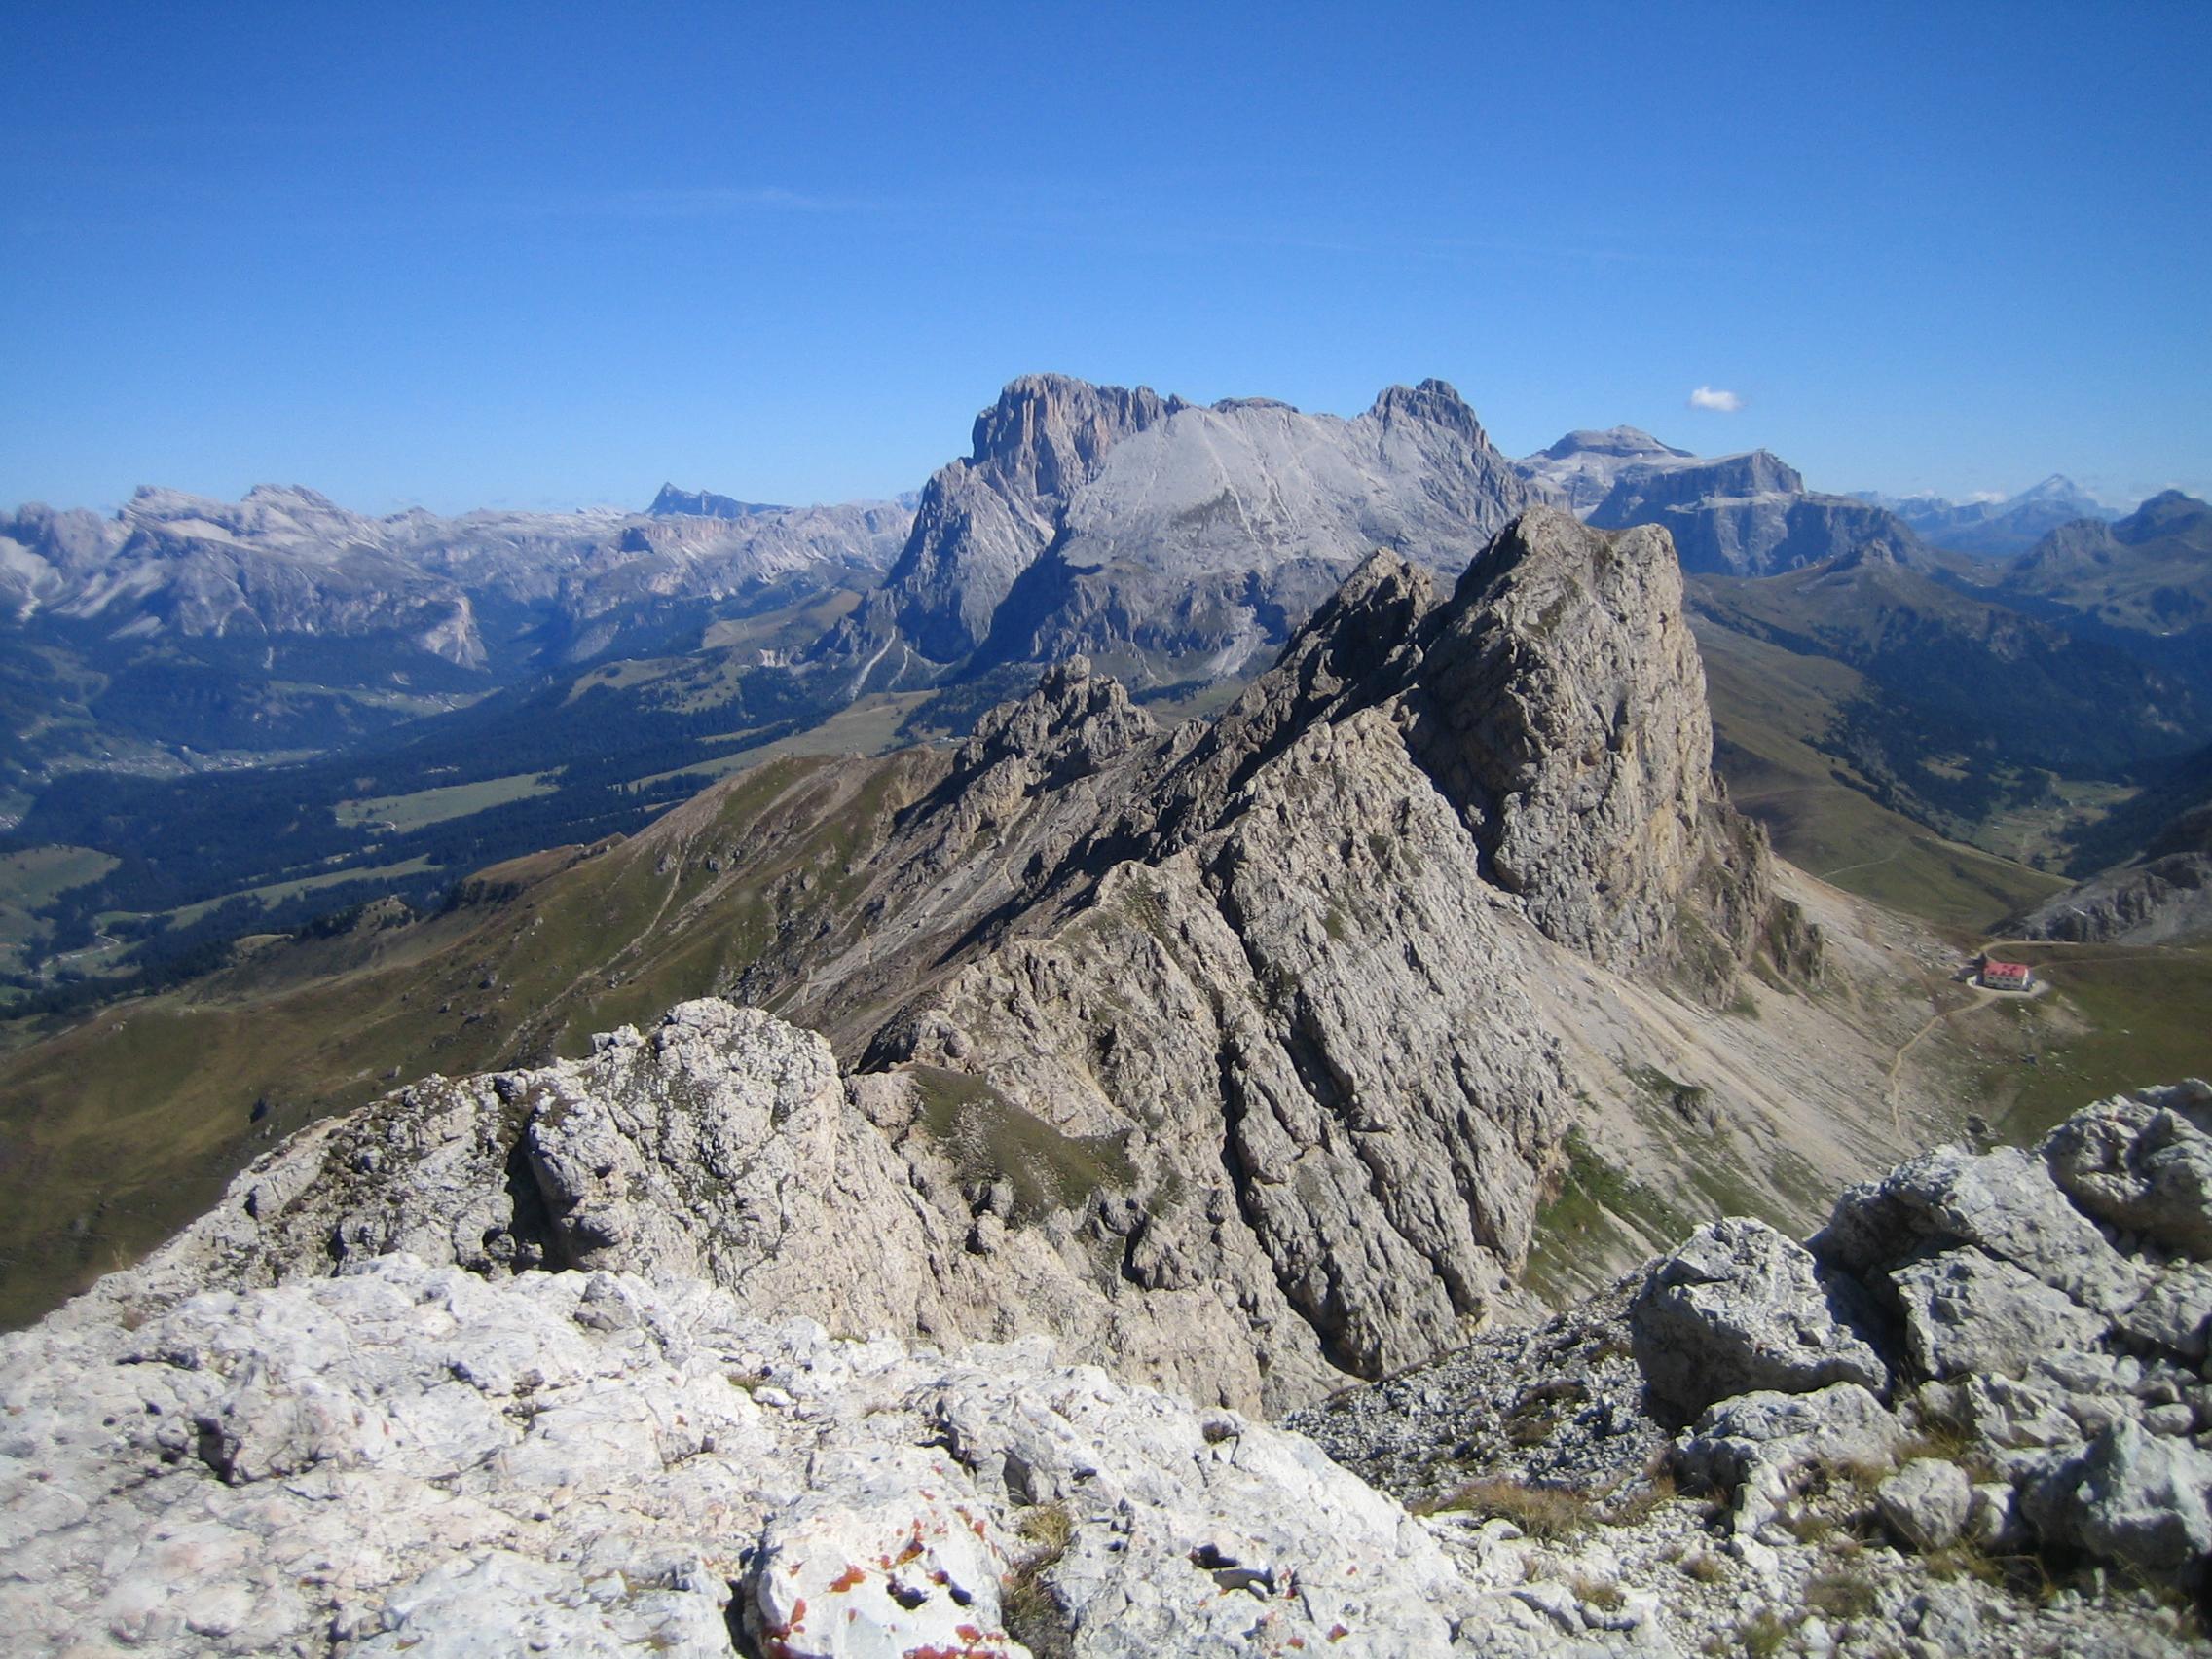 Klettersteig Plattkofel : Maximiliansteig klettersteig im rosengarten schlern